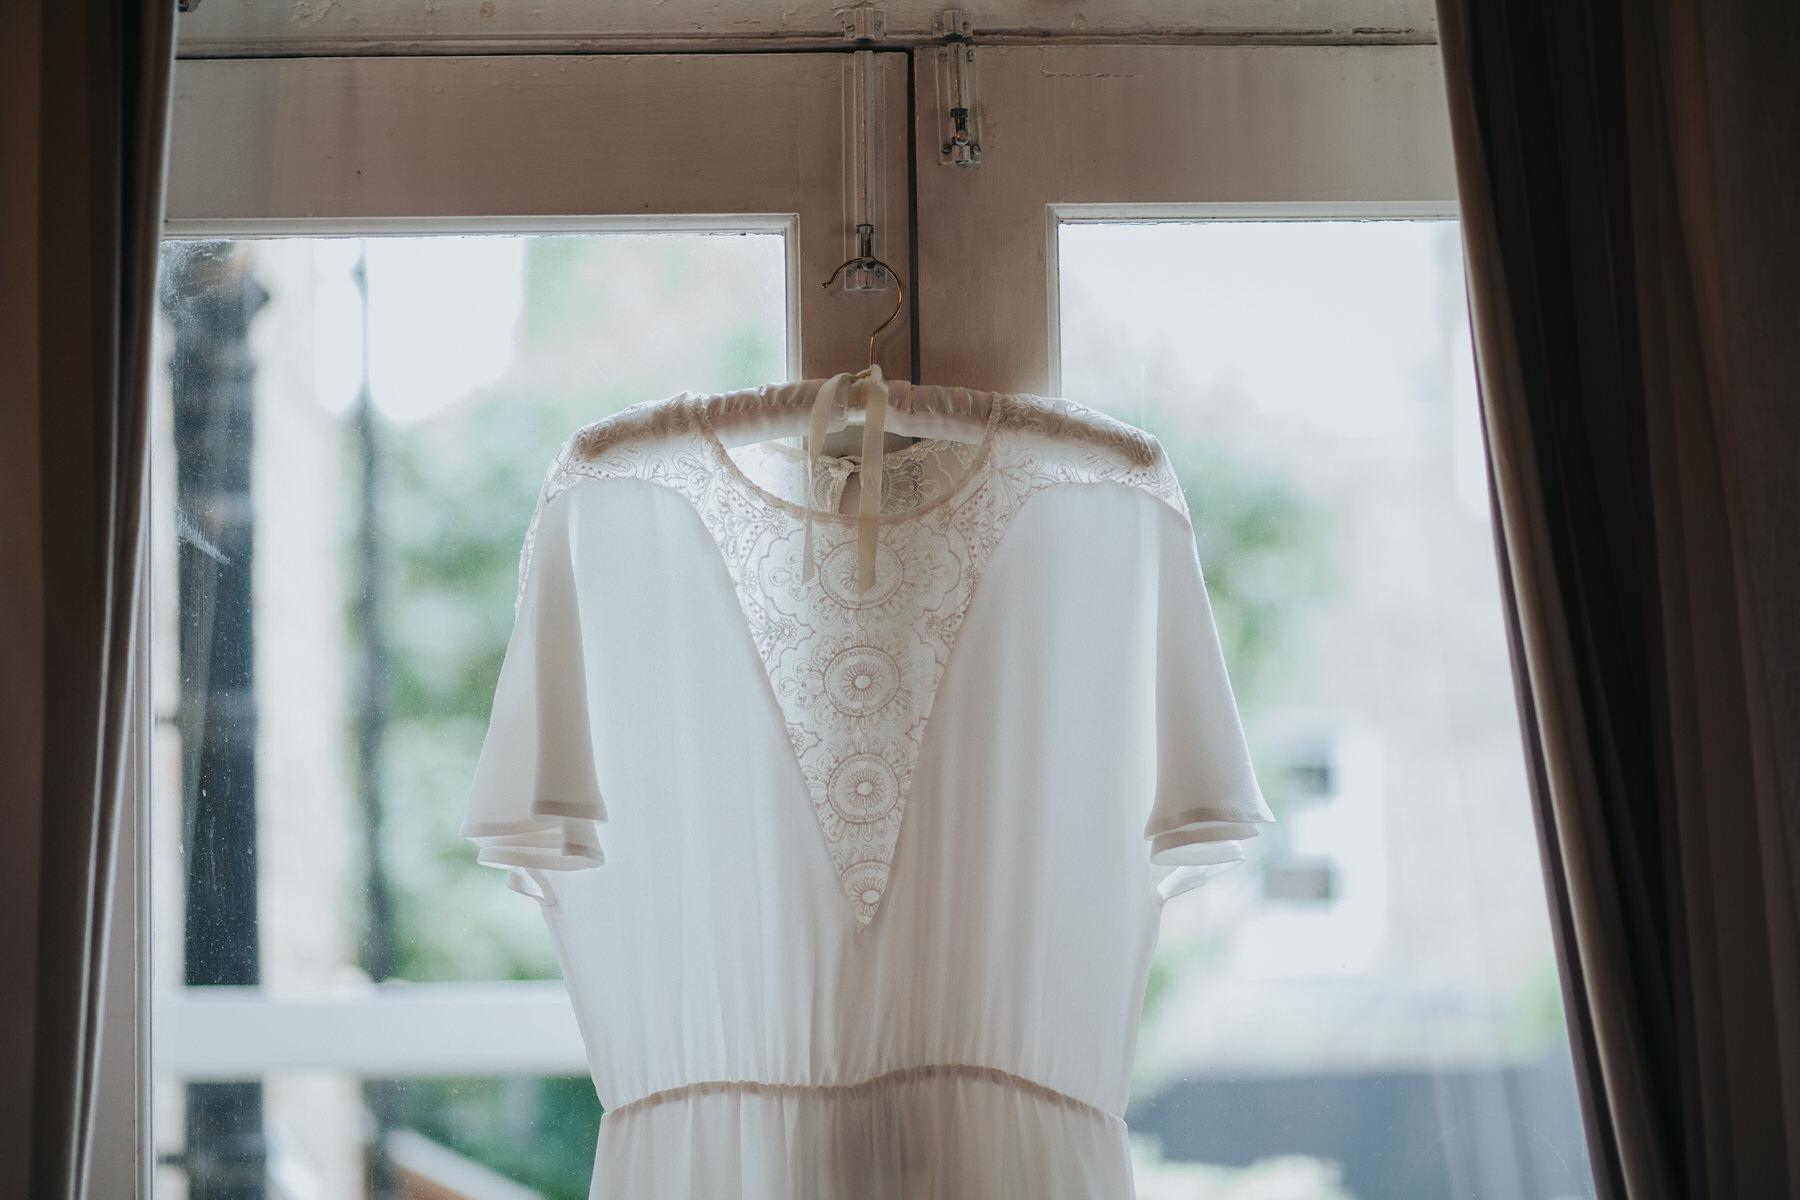 3-bride getting ready Minna wedding dress.jpg